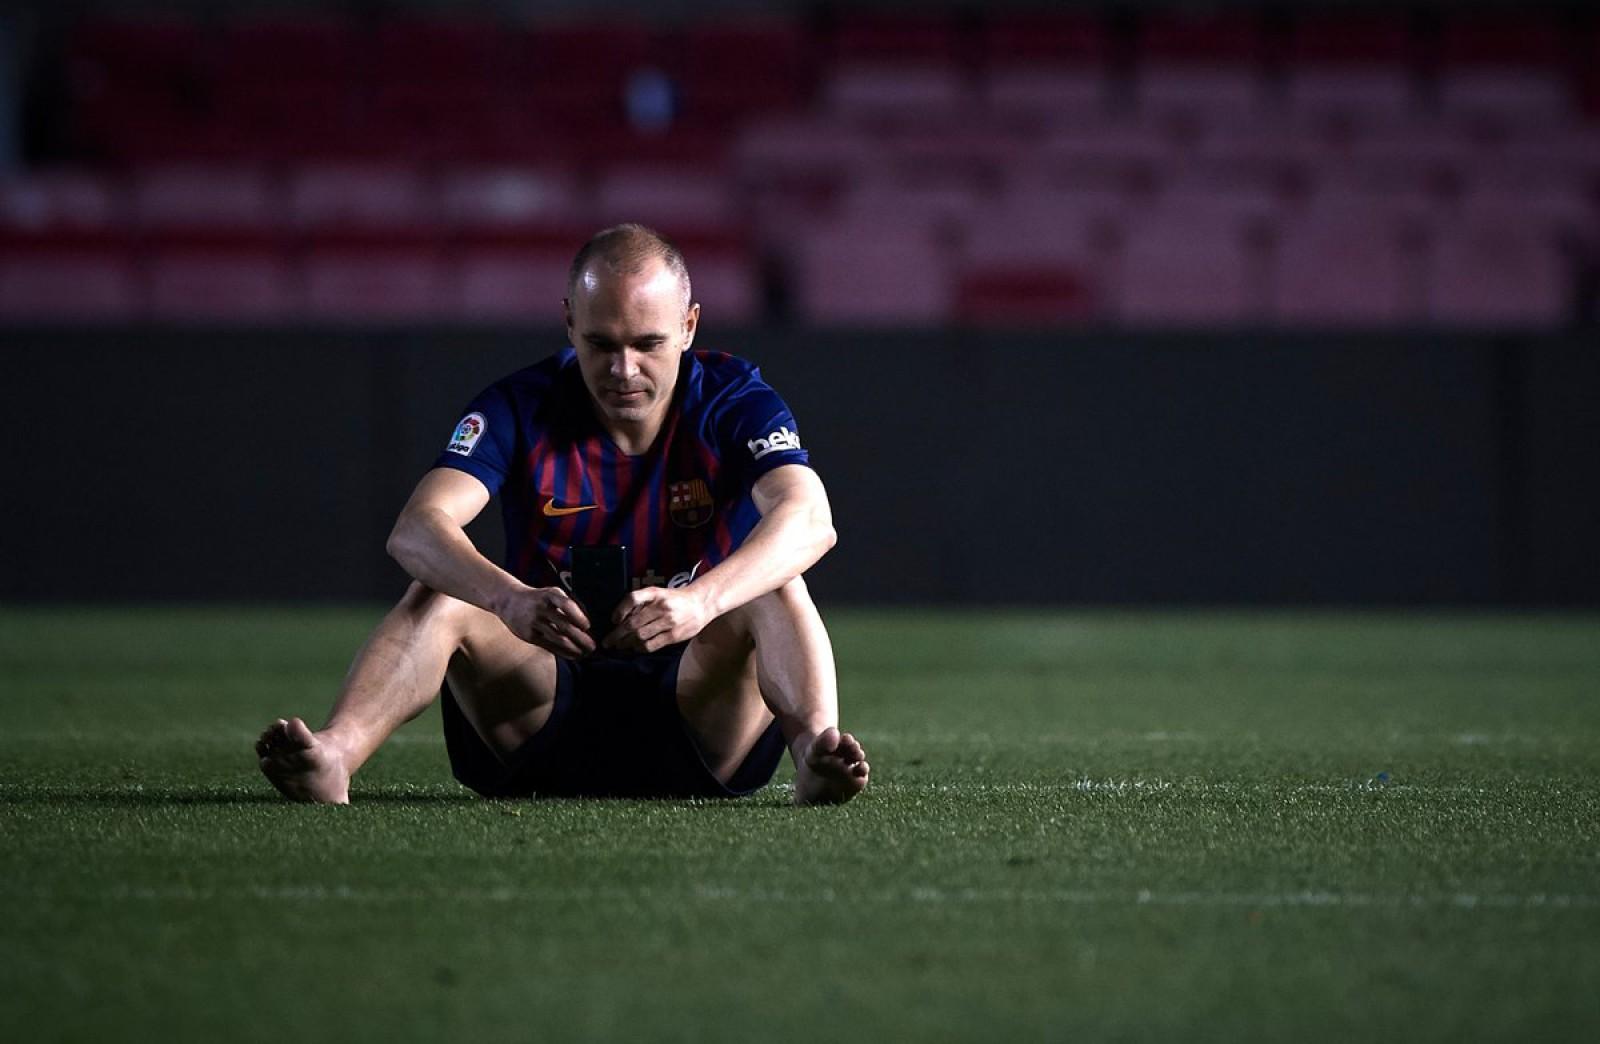 (foto/video) Emoționant! Andres Iniesta a jucat ultimul său meci pentru FC Barcelona! După meci, mijlocașul a rămas singur pe Camp Nou cu luminile stinse